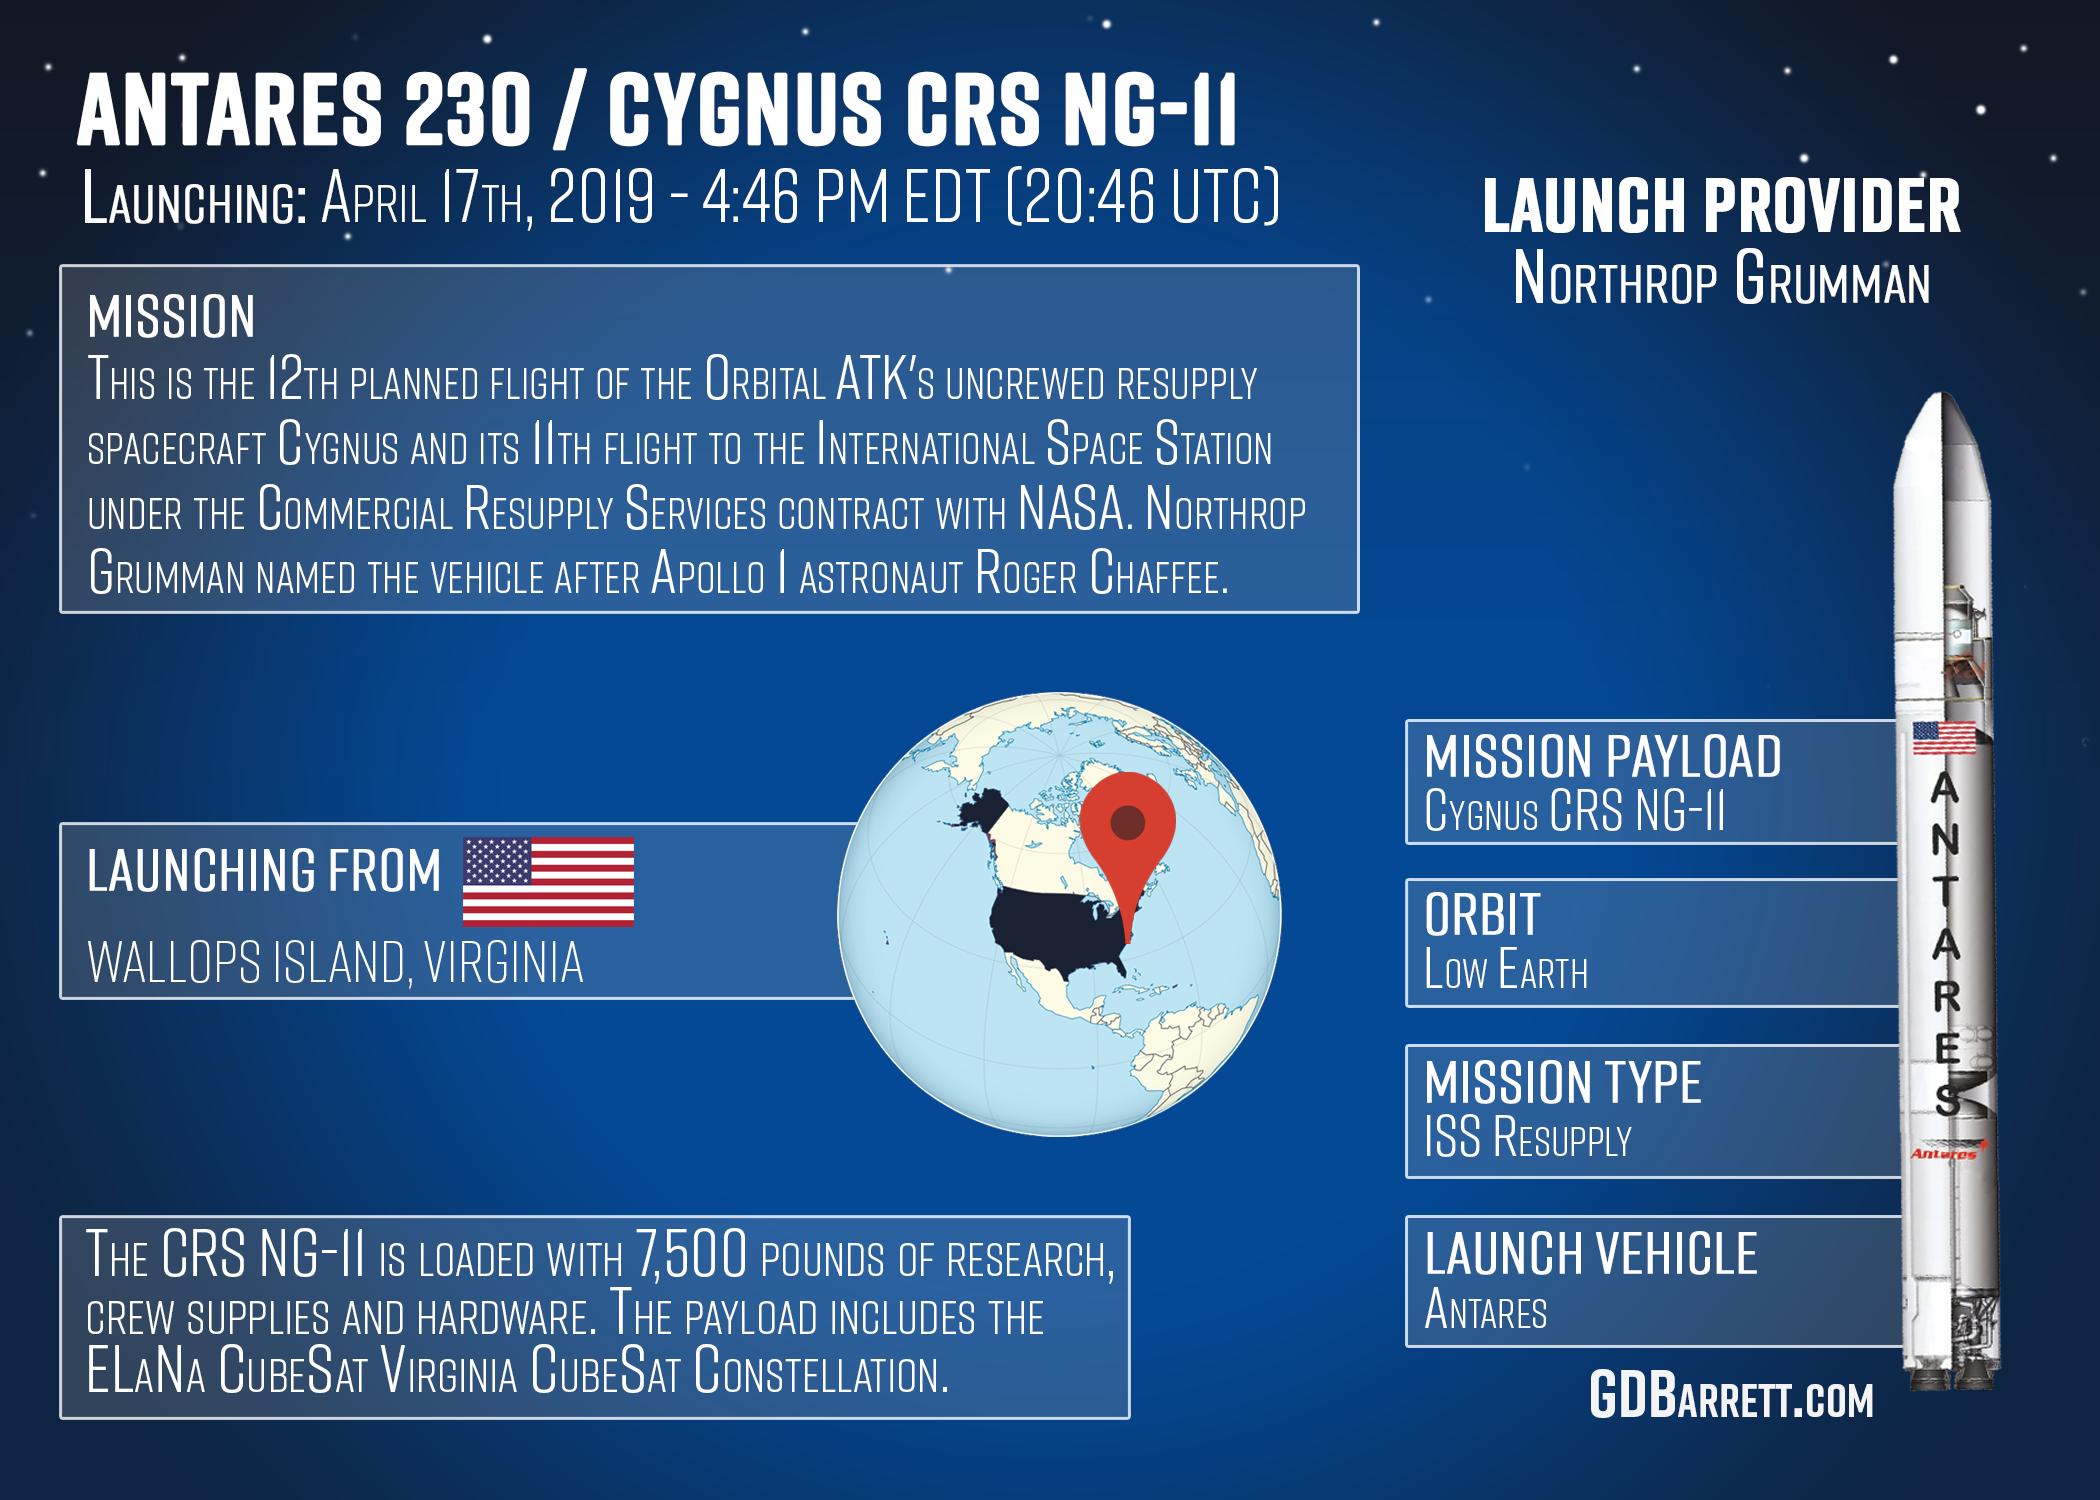 Antares 230 / Cygnus CRS NG-11